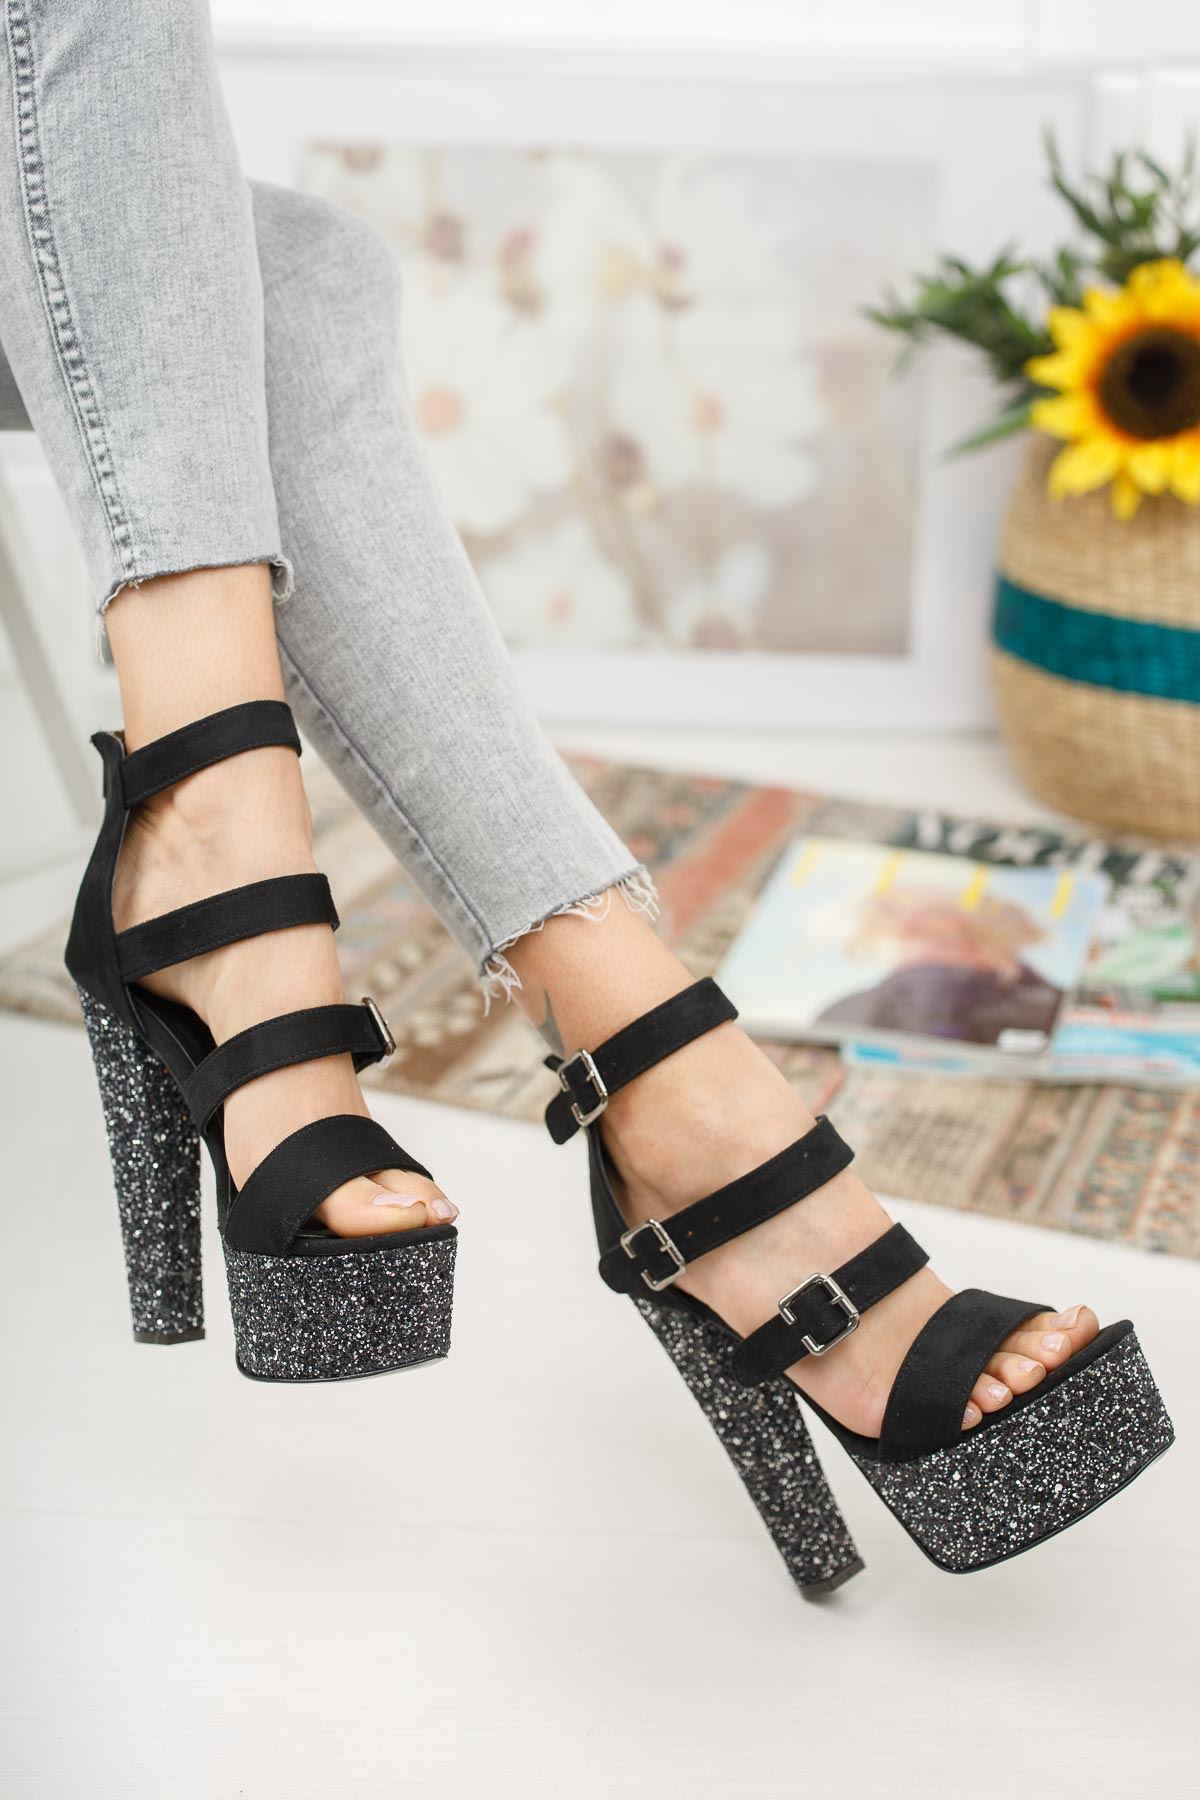 Khayla Siyah Süet Platin Taş Yüksek Topuklu Kadın Ayakkabı